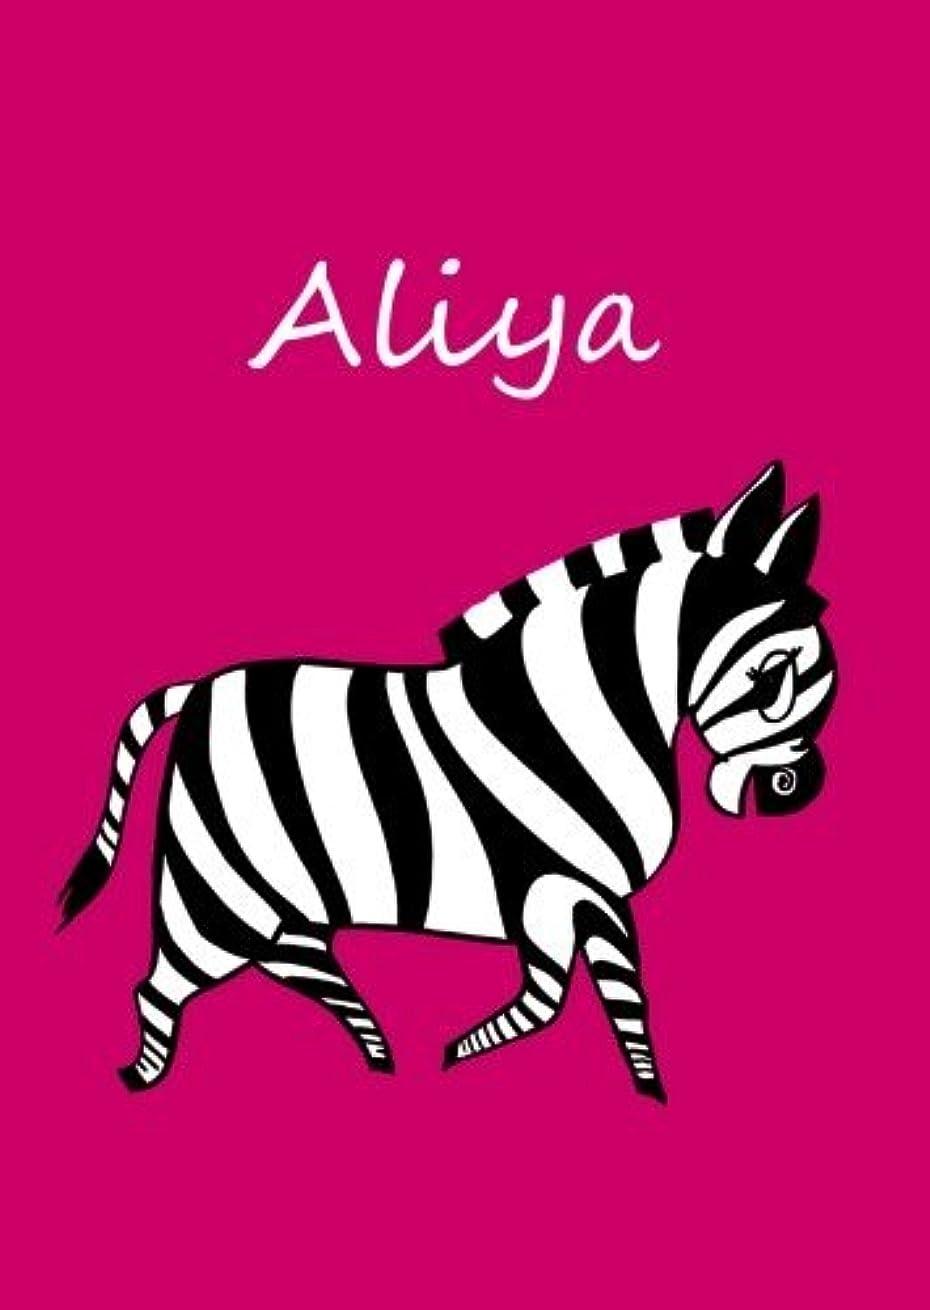 未使用バリアファウルAliya: personalisiertes Malbuch / Notizbuch / Tagebuch - Zebra - A4 - blanko